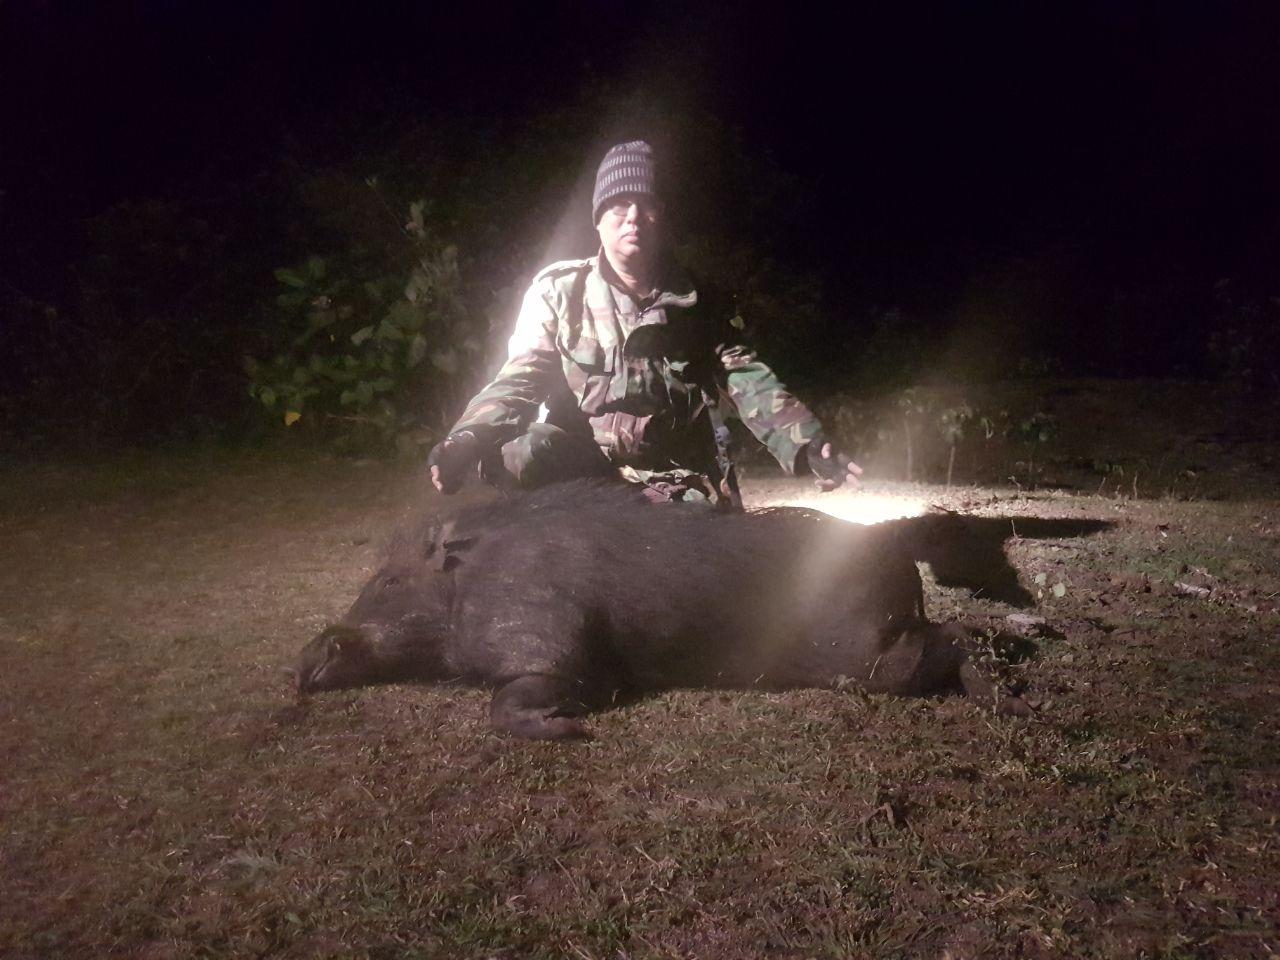 Salah satu hasil buruan di malam hari.